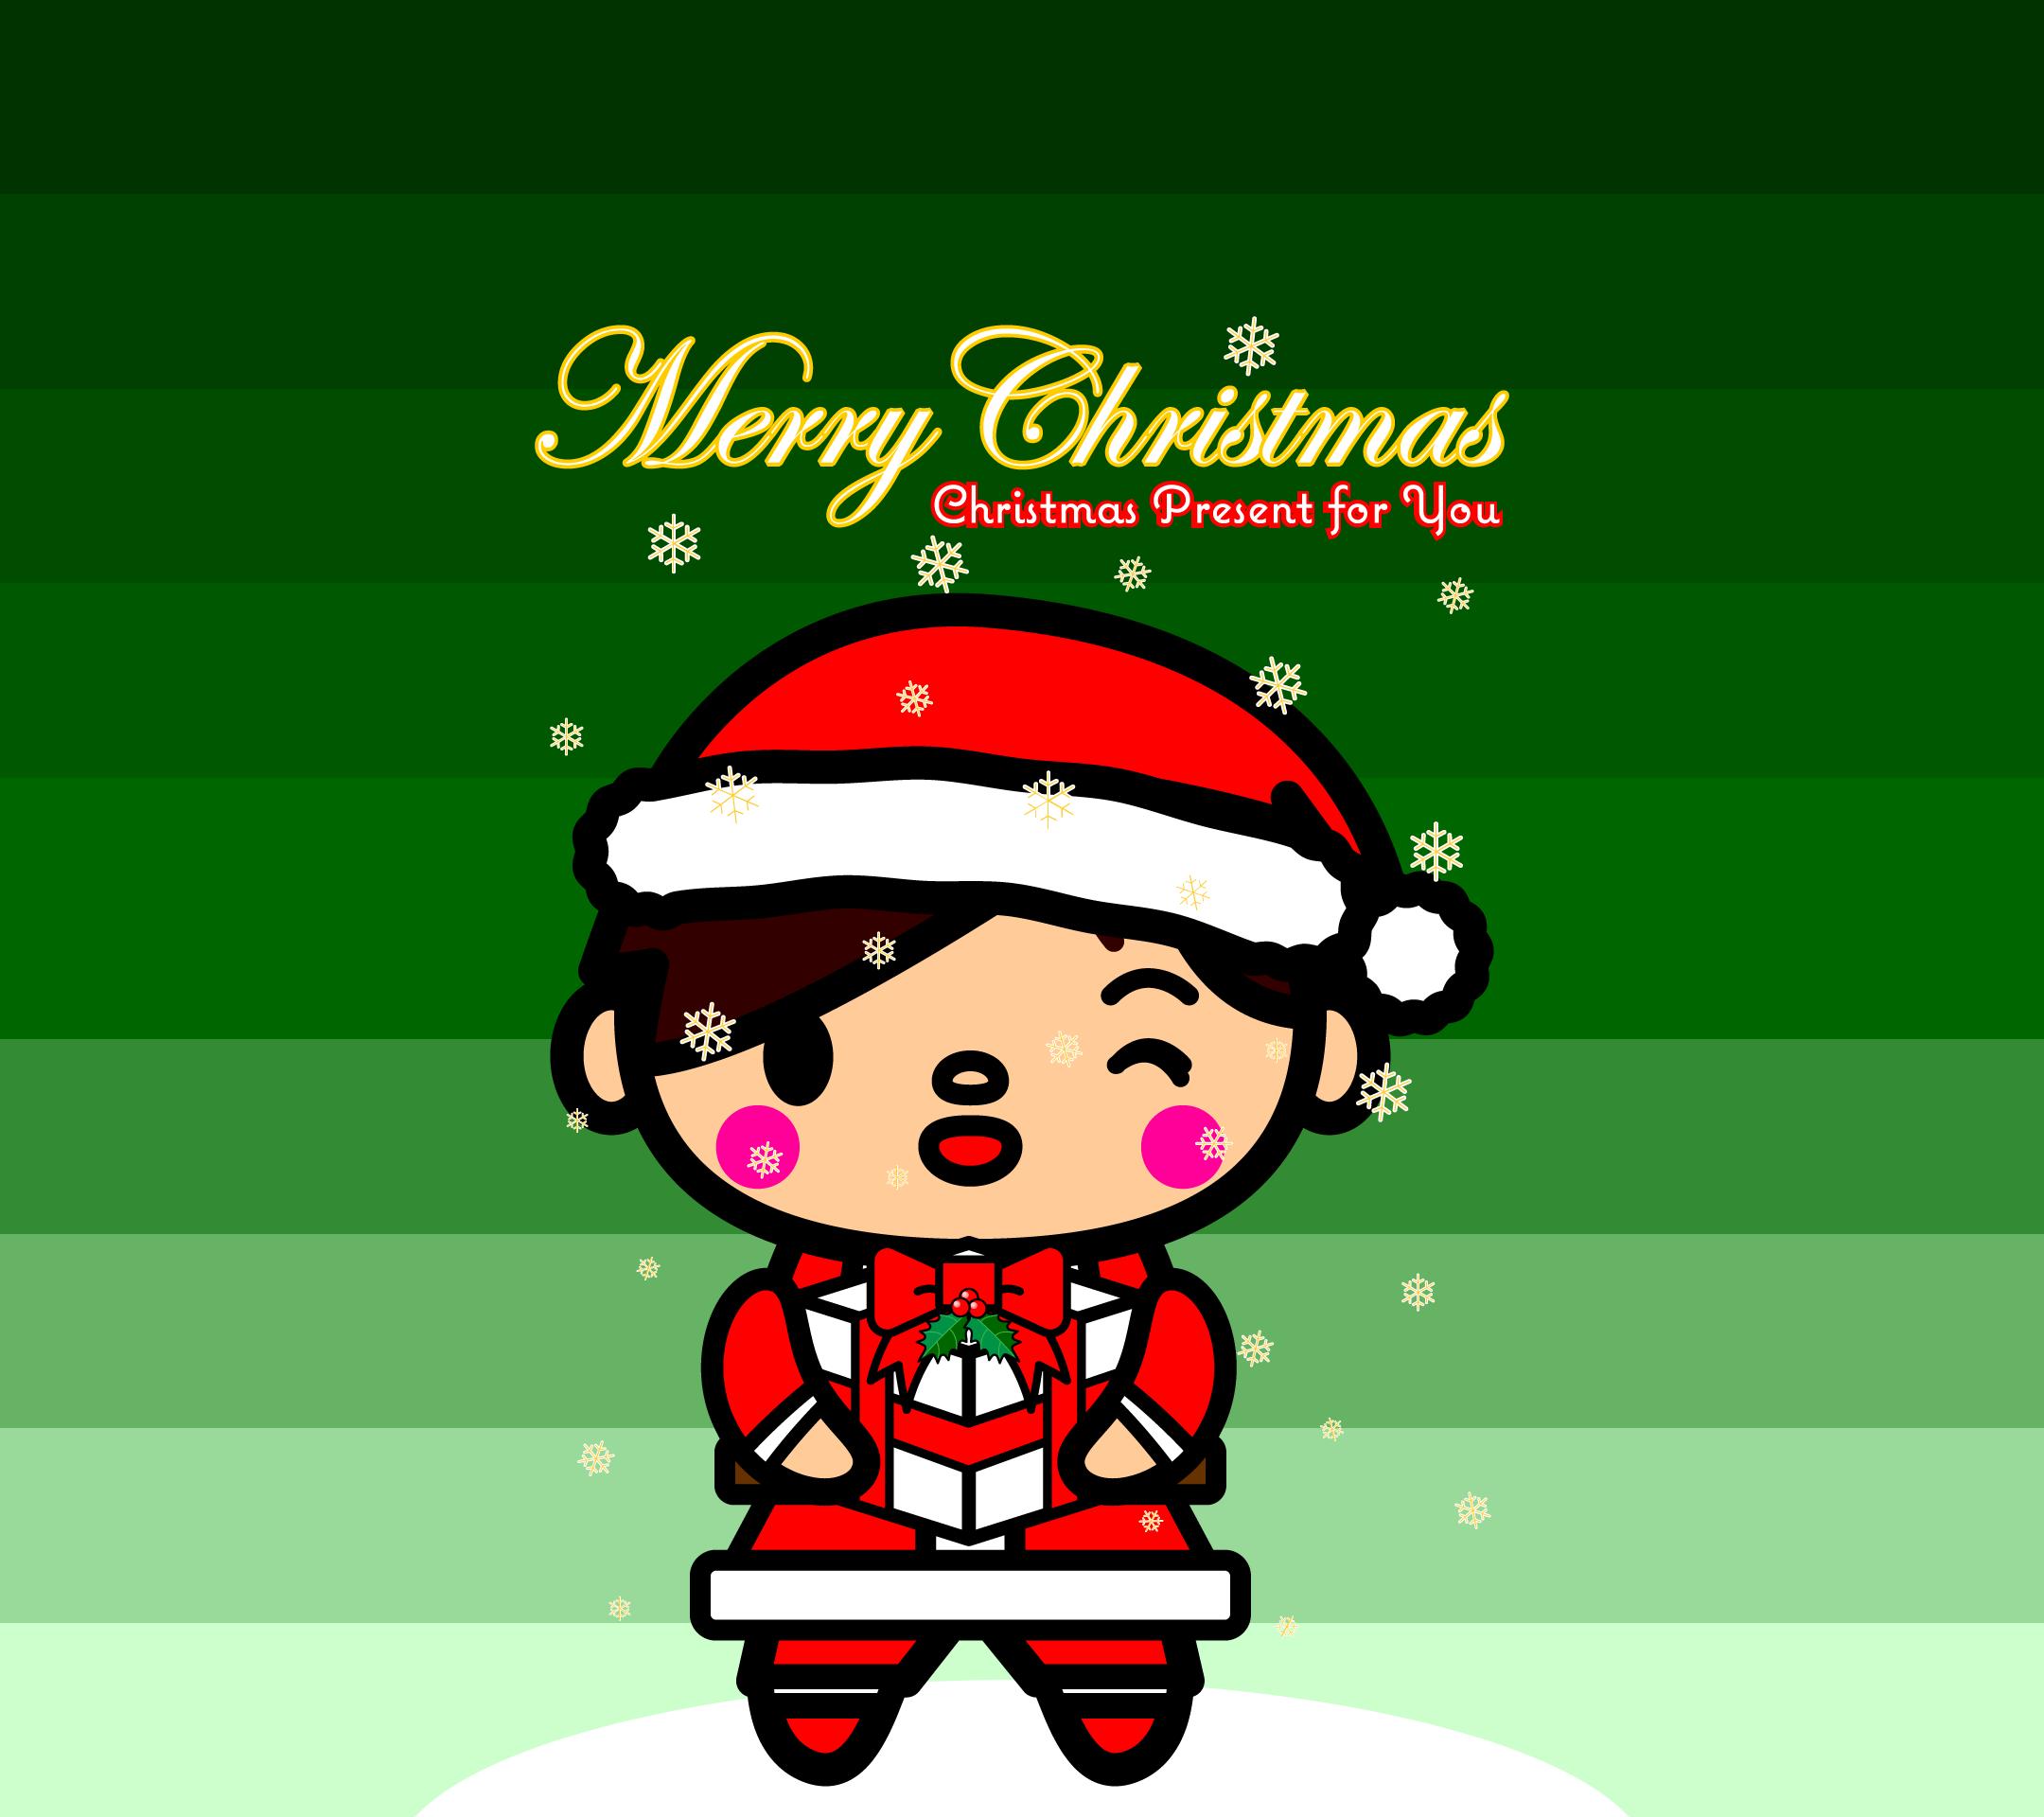 wallpaper6_christmas-santaman-green-android